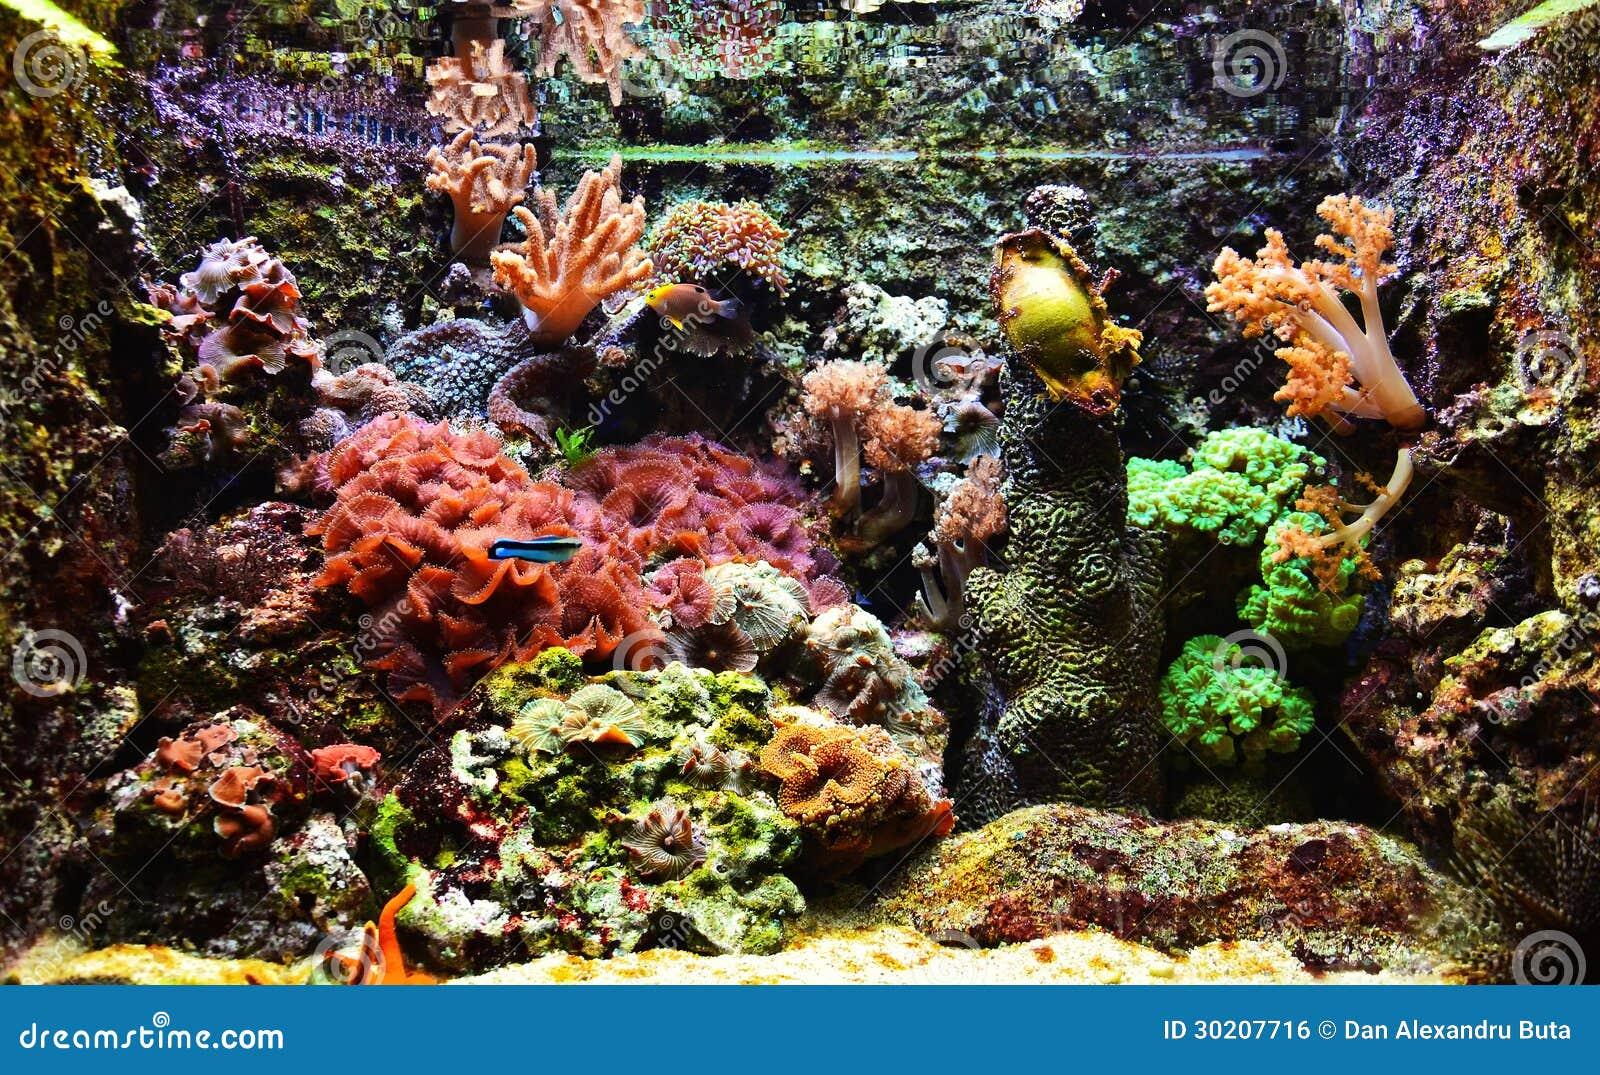 Colorful exotic aquarium